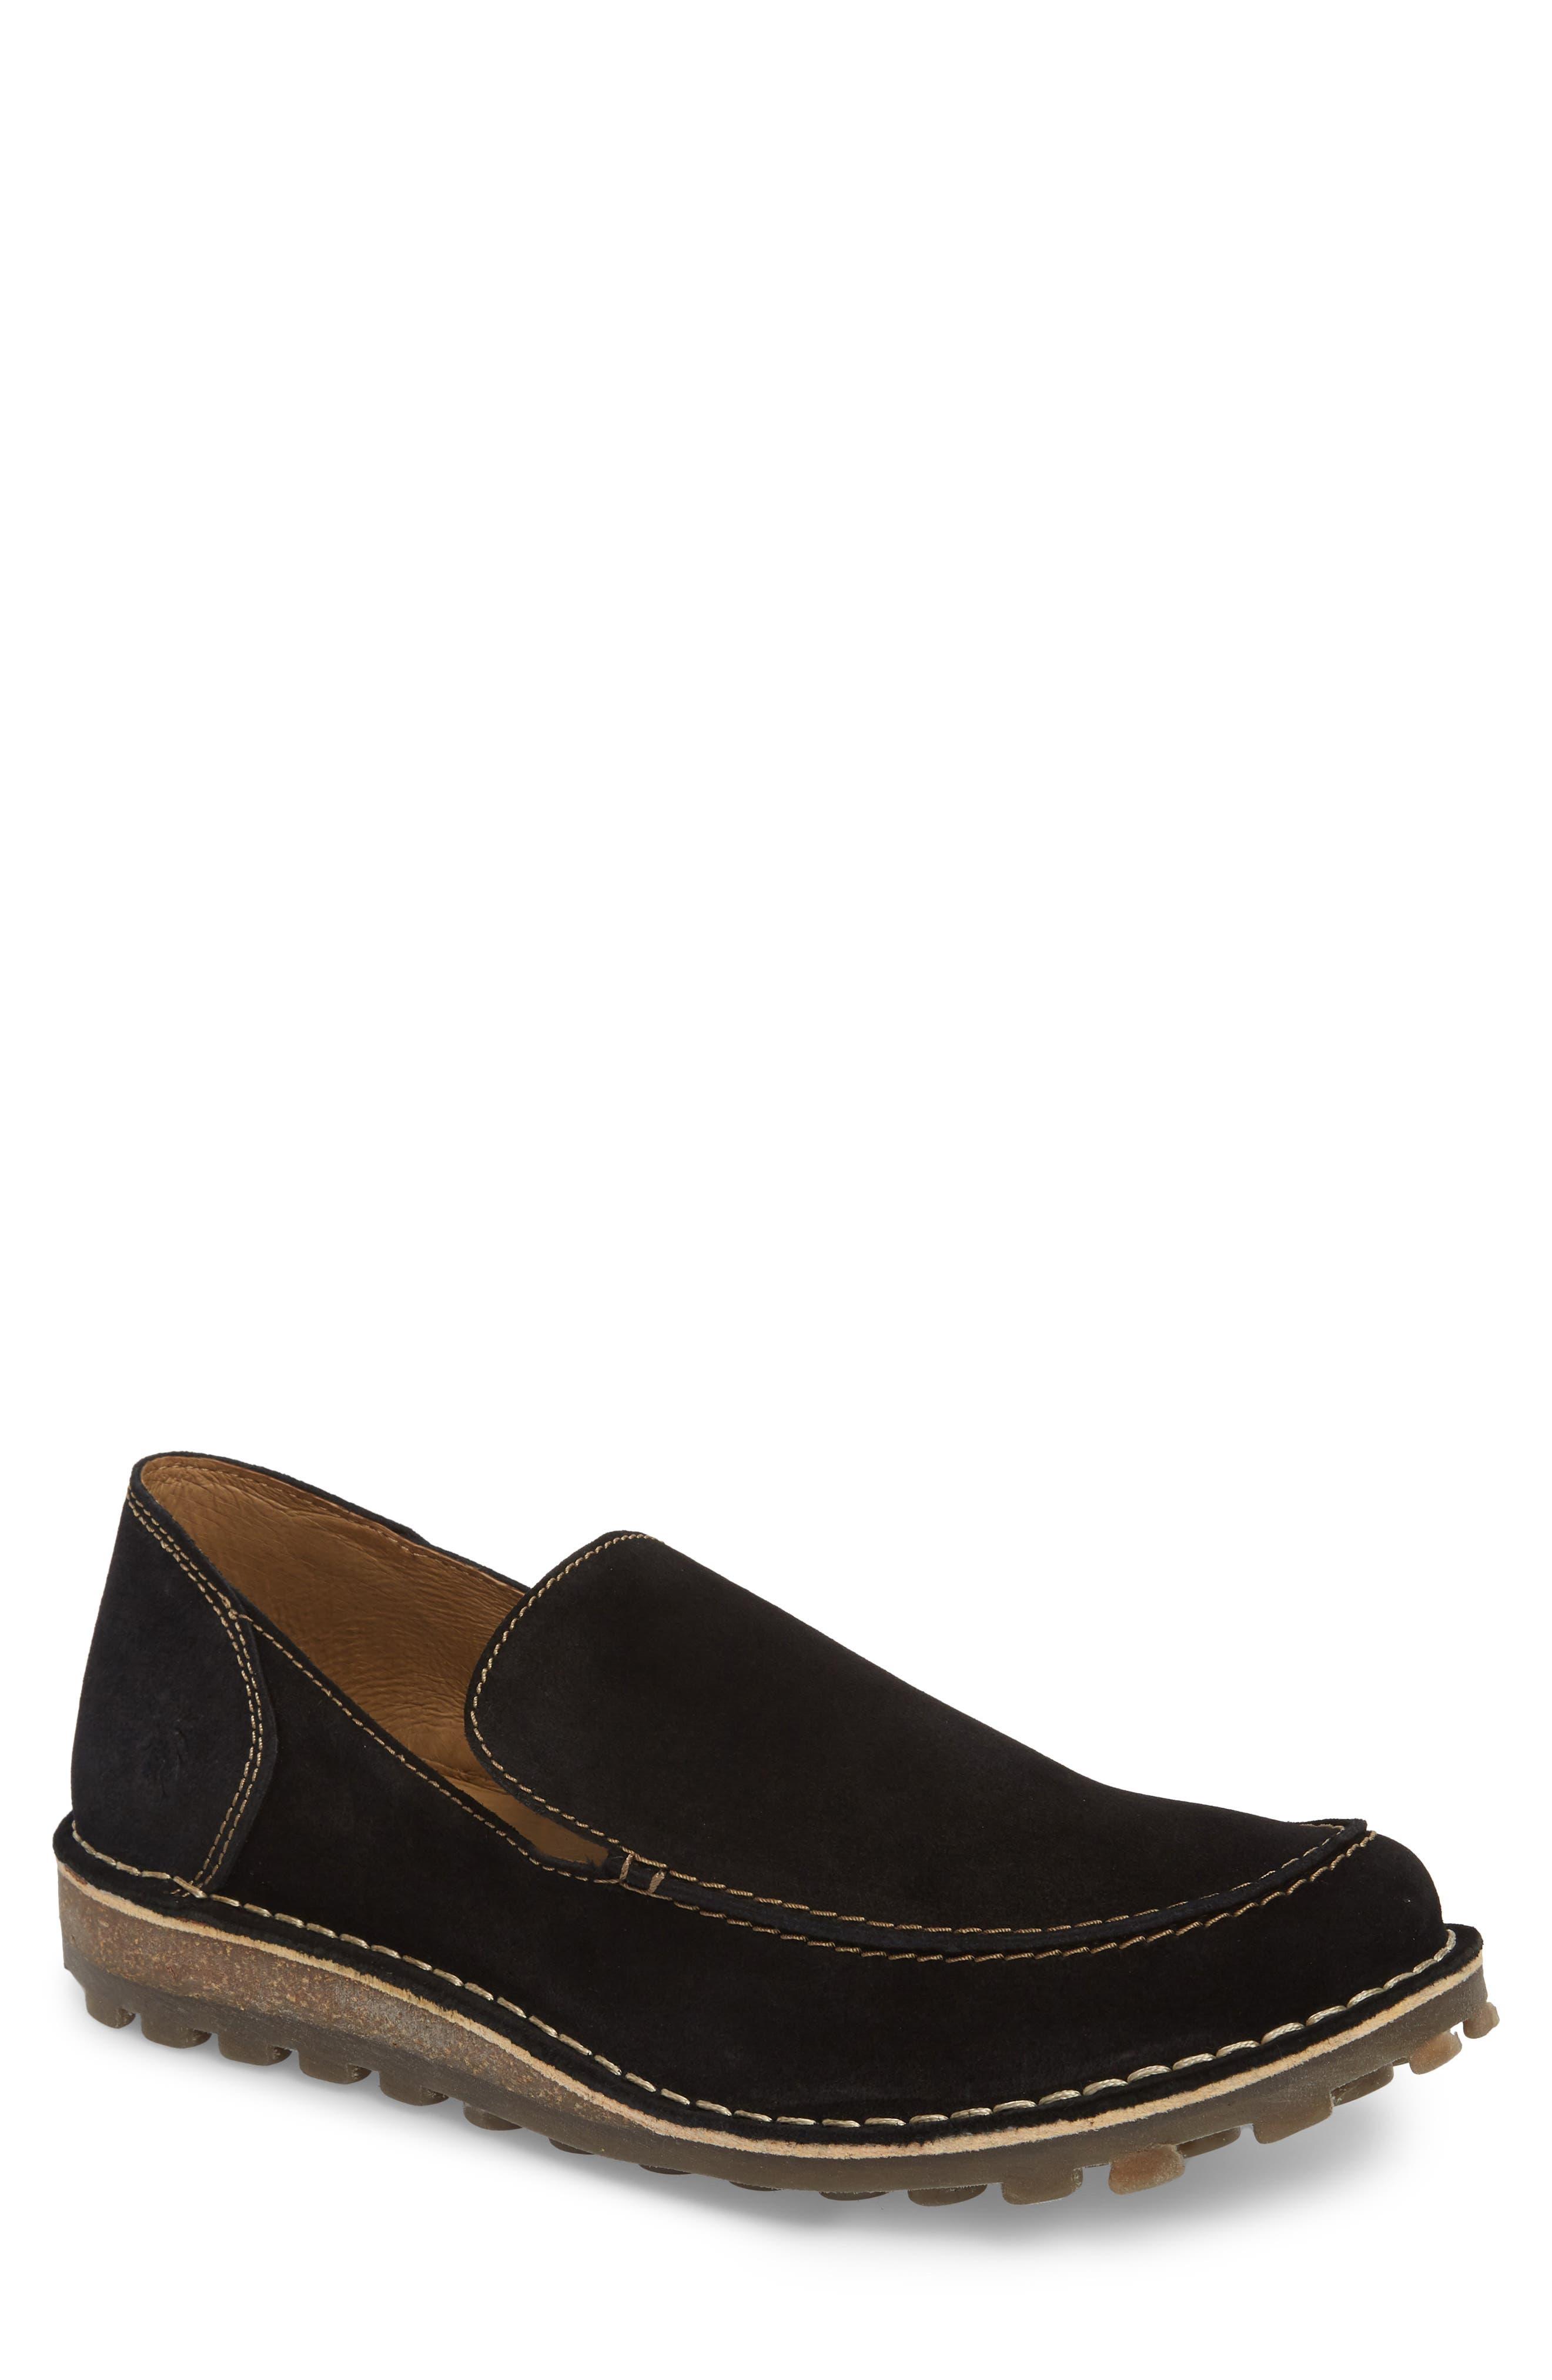 Meve Moc Toe Loafer,                         Main,                         color, BLACK SUEDE